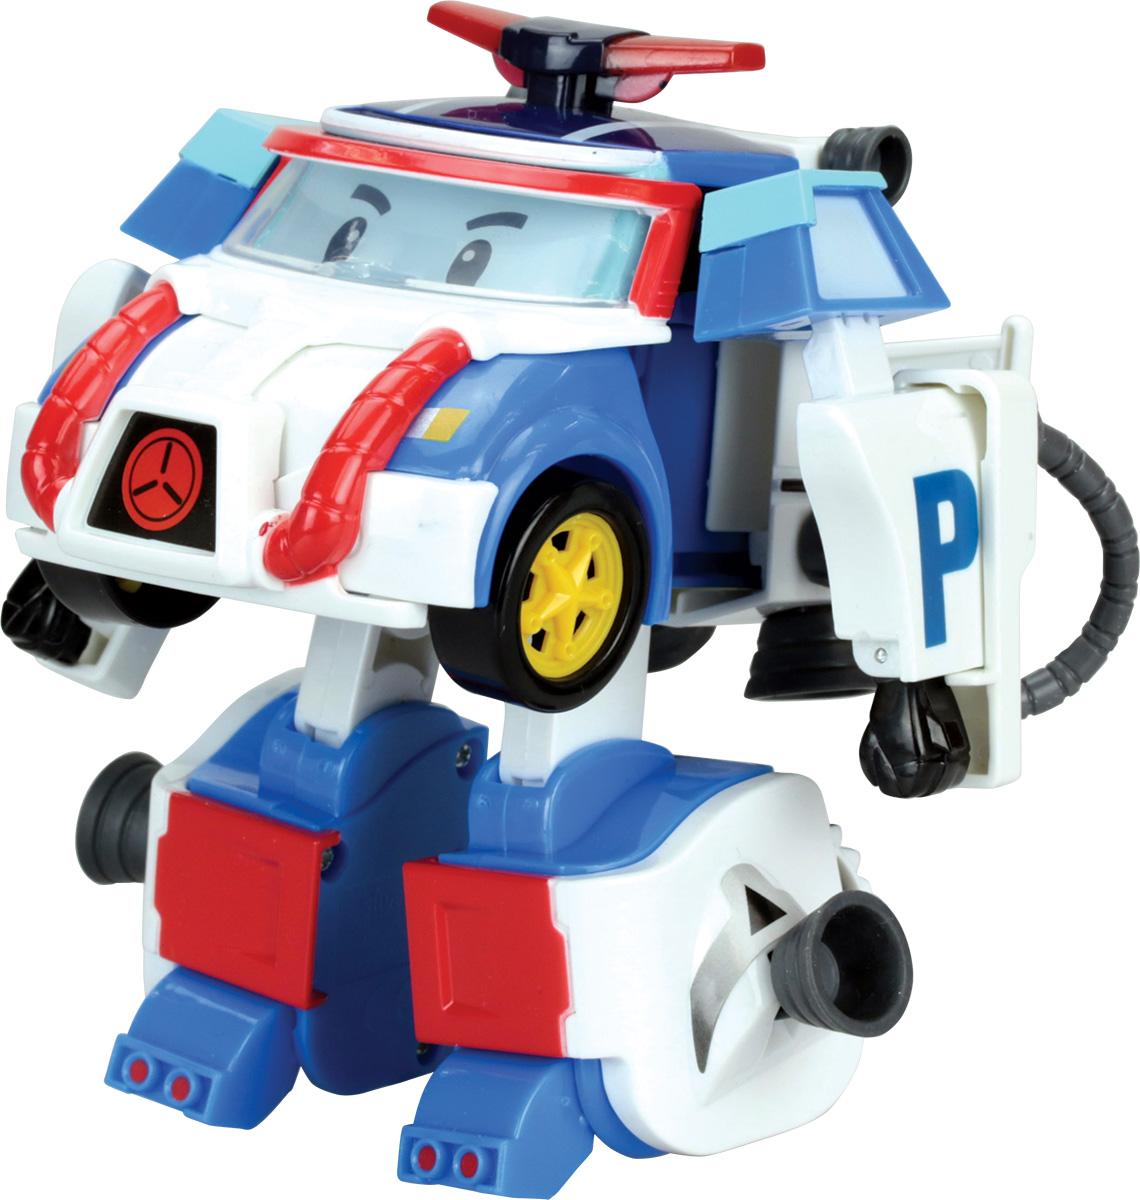 Robocar Poli Игрушка-трансформер Поли 10 см83311Оригинальная игрушка-трансформер Поли надолго займет внимание вашего ребенка. Игрушка выполнена из безопасного пластика синего и белого цветов в виде Поли - нового героя из последнего сезона мультсериала Робокар Поли (Robocar Poli). Поли, один из четверки спасателей, который патрулирует город и смотрит за порядком, а когда нужна помощь, выезжает на место и превращается в робота. Игрушка всего за пару движений легко трансформируется. На голову-кабину в области лобового стекла крепятся очки с желтой оправой. В районе радиаторной решетки, где у Поли рот, крепится приспособление для подачи воздуха, а шланг уходит назад к специальному сосуду со сжатым воздухом. На длинных ногах, сформированных из багажника автомобиля, крепятся желтые ускорители, которые помогают продвигаться в безвоздушном пространстве во время полета в космосе.Он и другие герои мультфильма в игровой форме помогут вашему ребенку познакомиться с правилами дорожного движения и узнают, для чего...